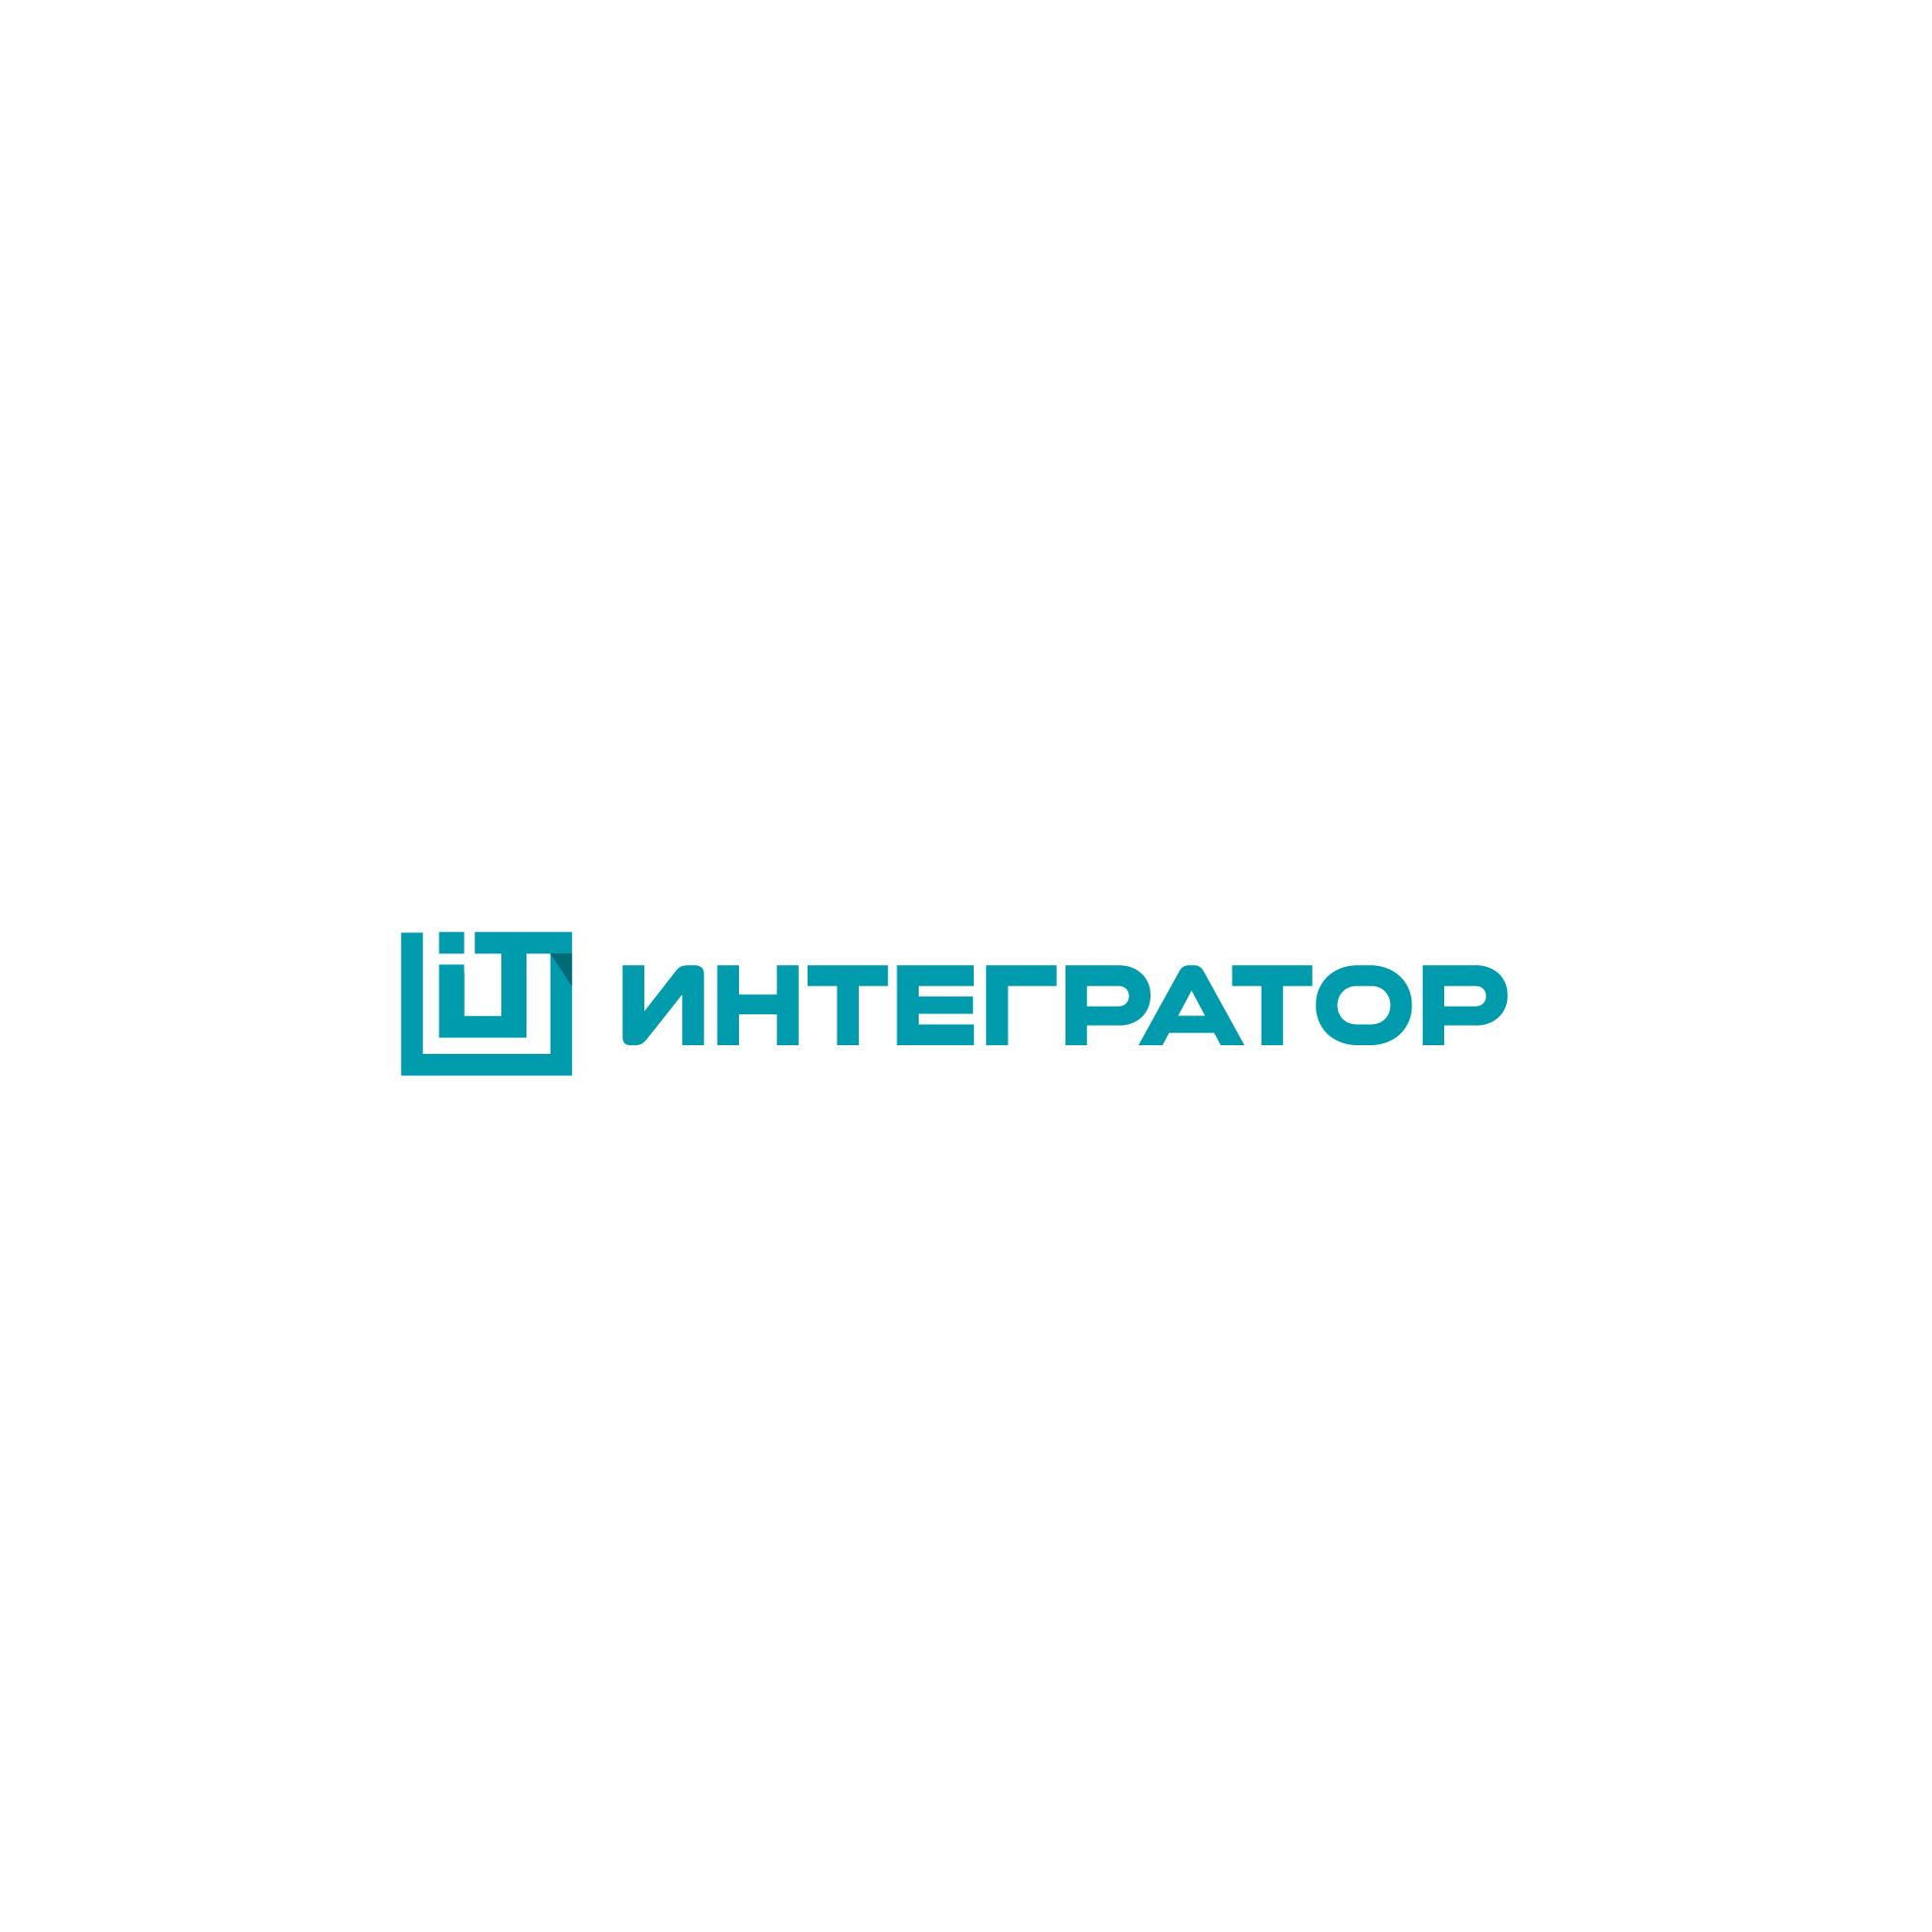 Логотип для IT интегратора фото f_983614b86ab6717a.jpg